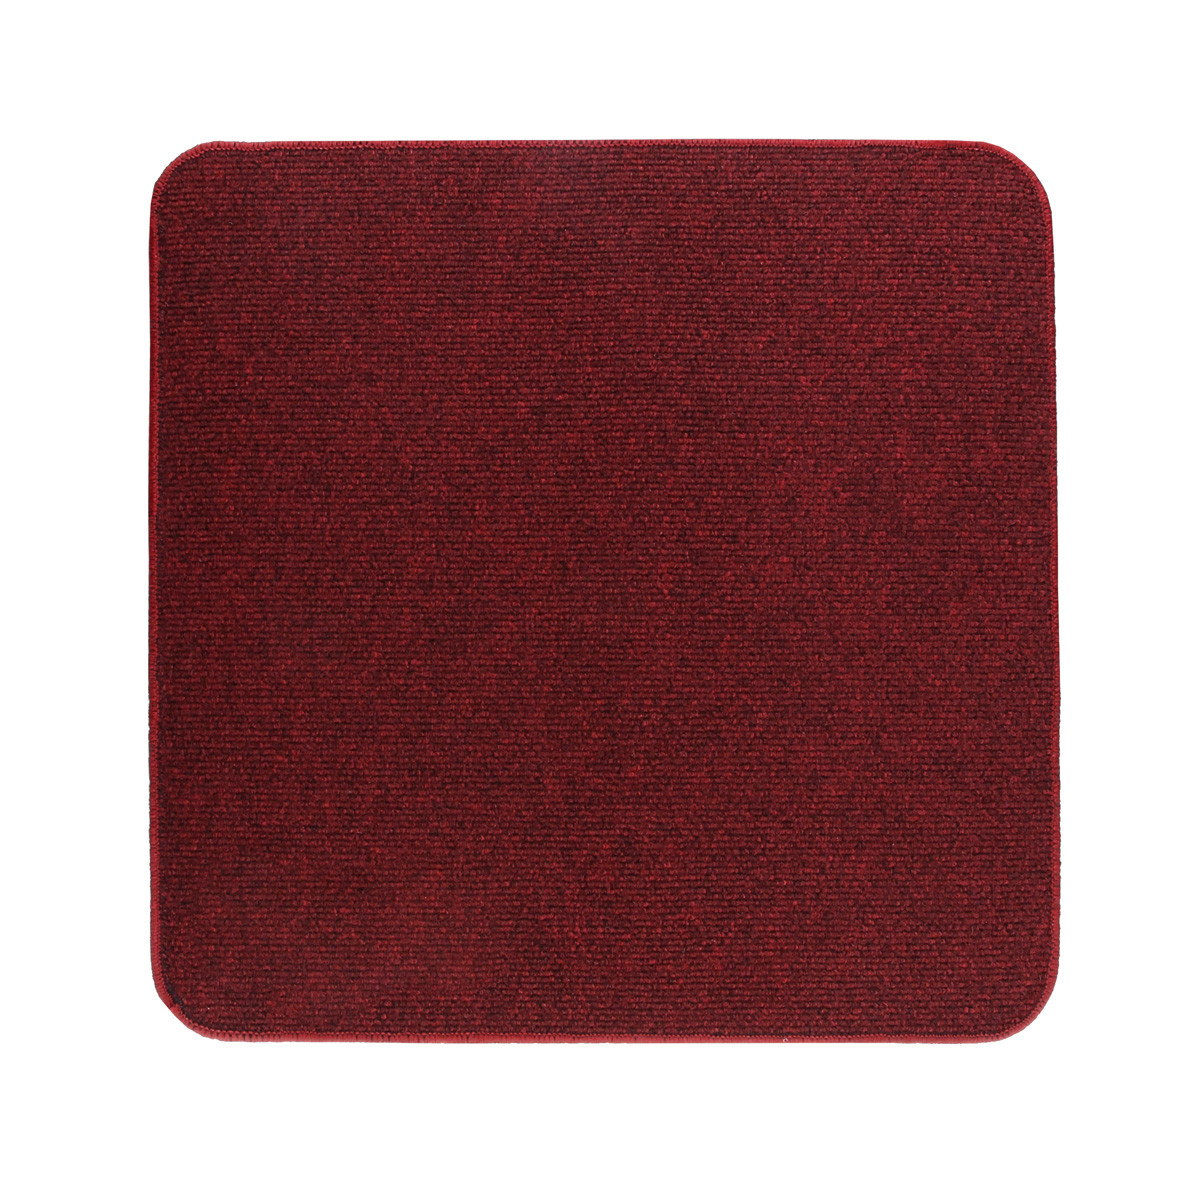 Электрический коврик с подогревом Теплик с термоизоляцией 100 х 100 см Темно-красный